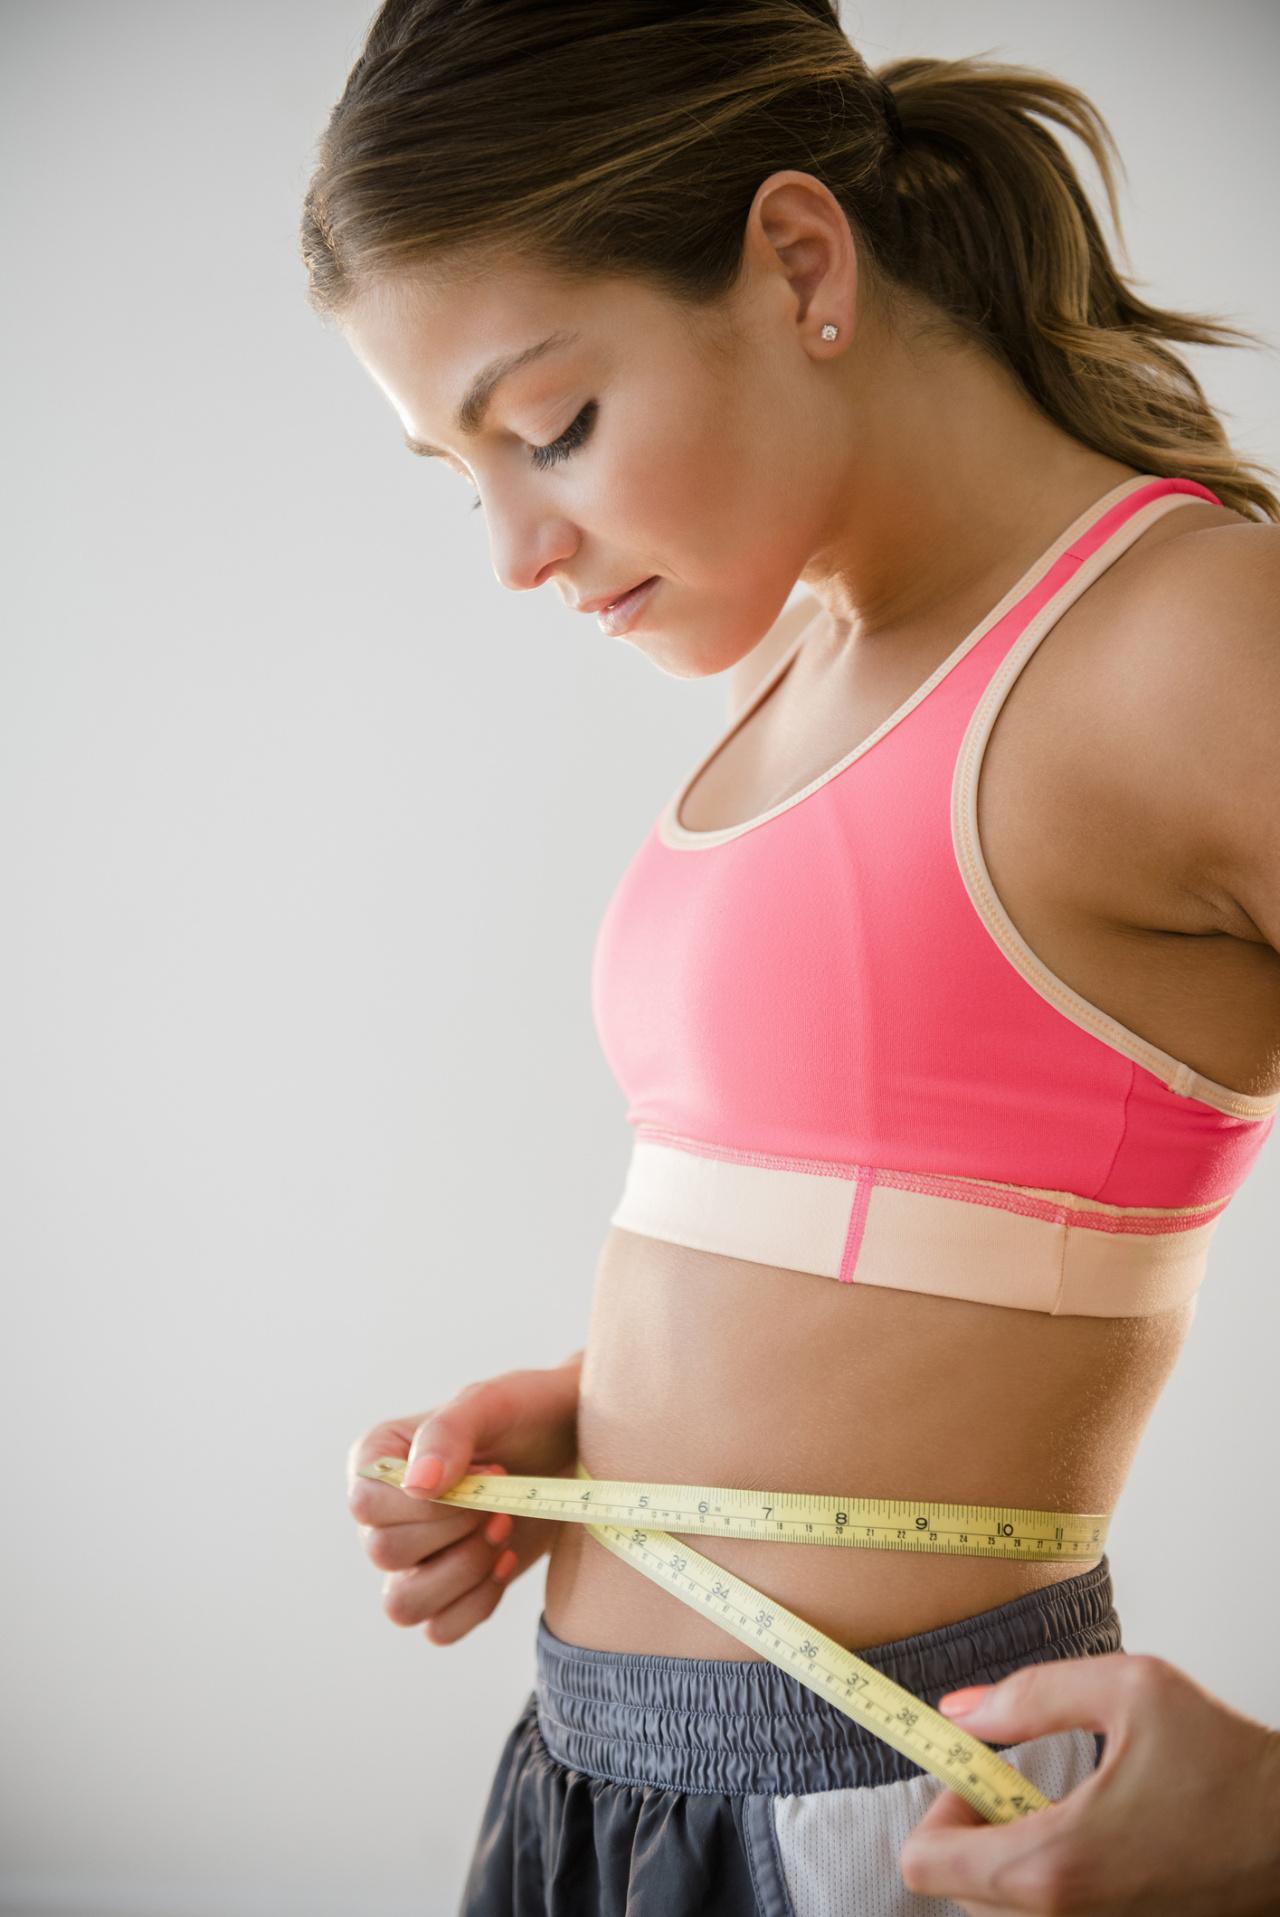 Jak skutecznie schudnąć? Bez diety cud i efektu jojo!